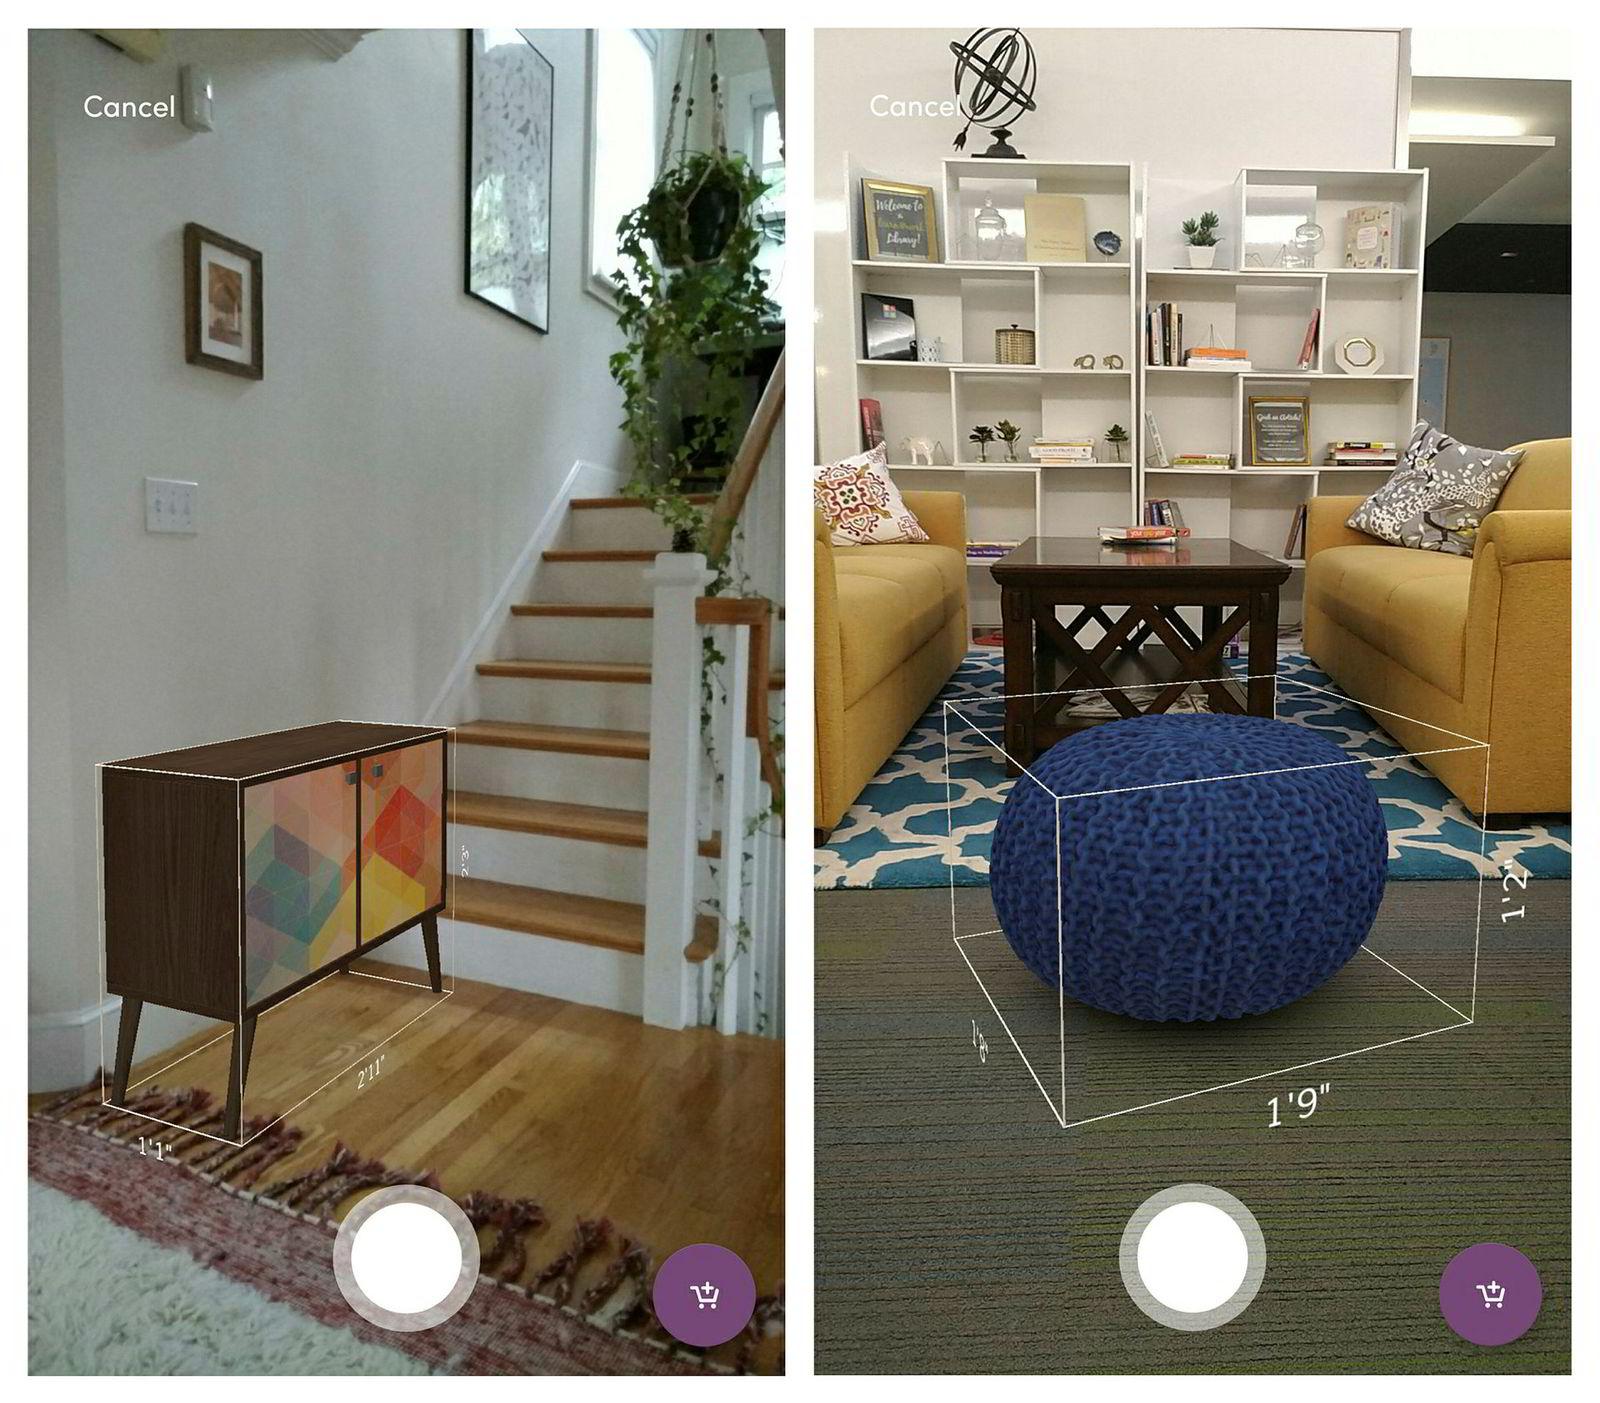 Med AR kan man for eksempel plassere digitale møbler i stuen for å se hvordan de passer inn.